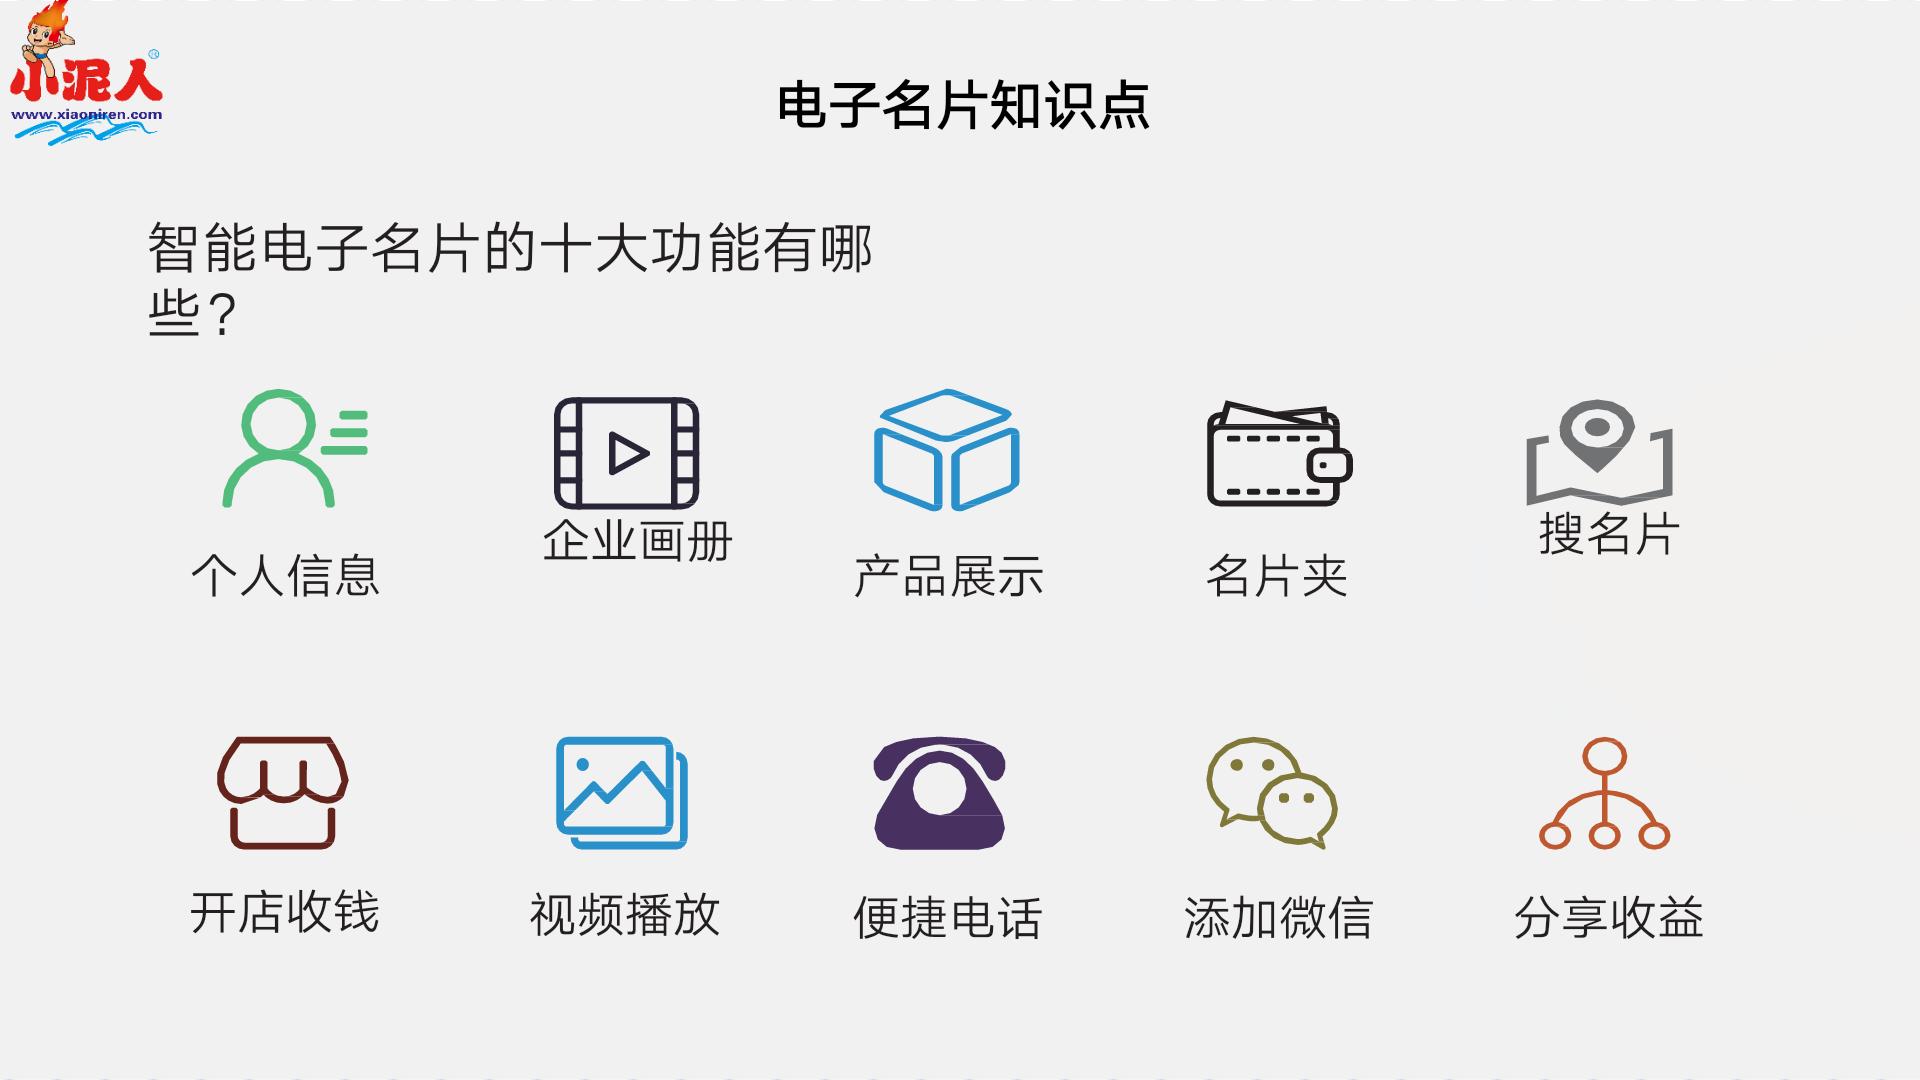 """热烈庆祝来自广西的陆总加盟小泥人,把最新saas技术带到素有""""山水甲天下""""之称的桂林!4.png"""